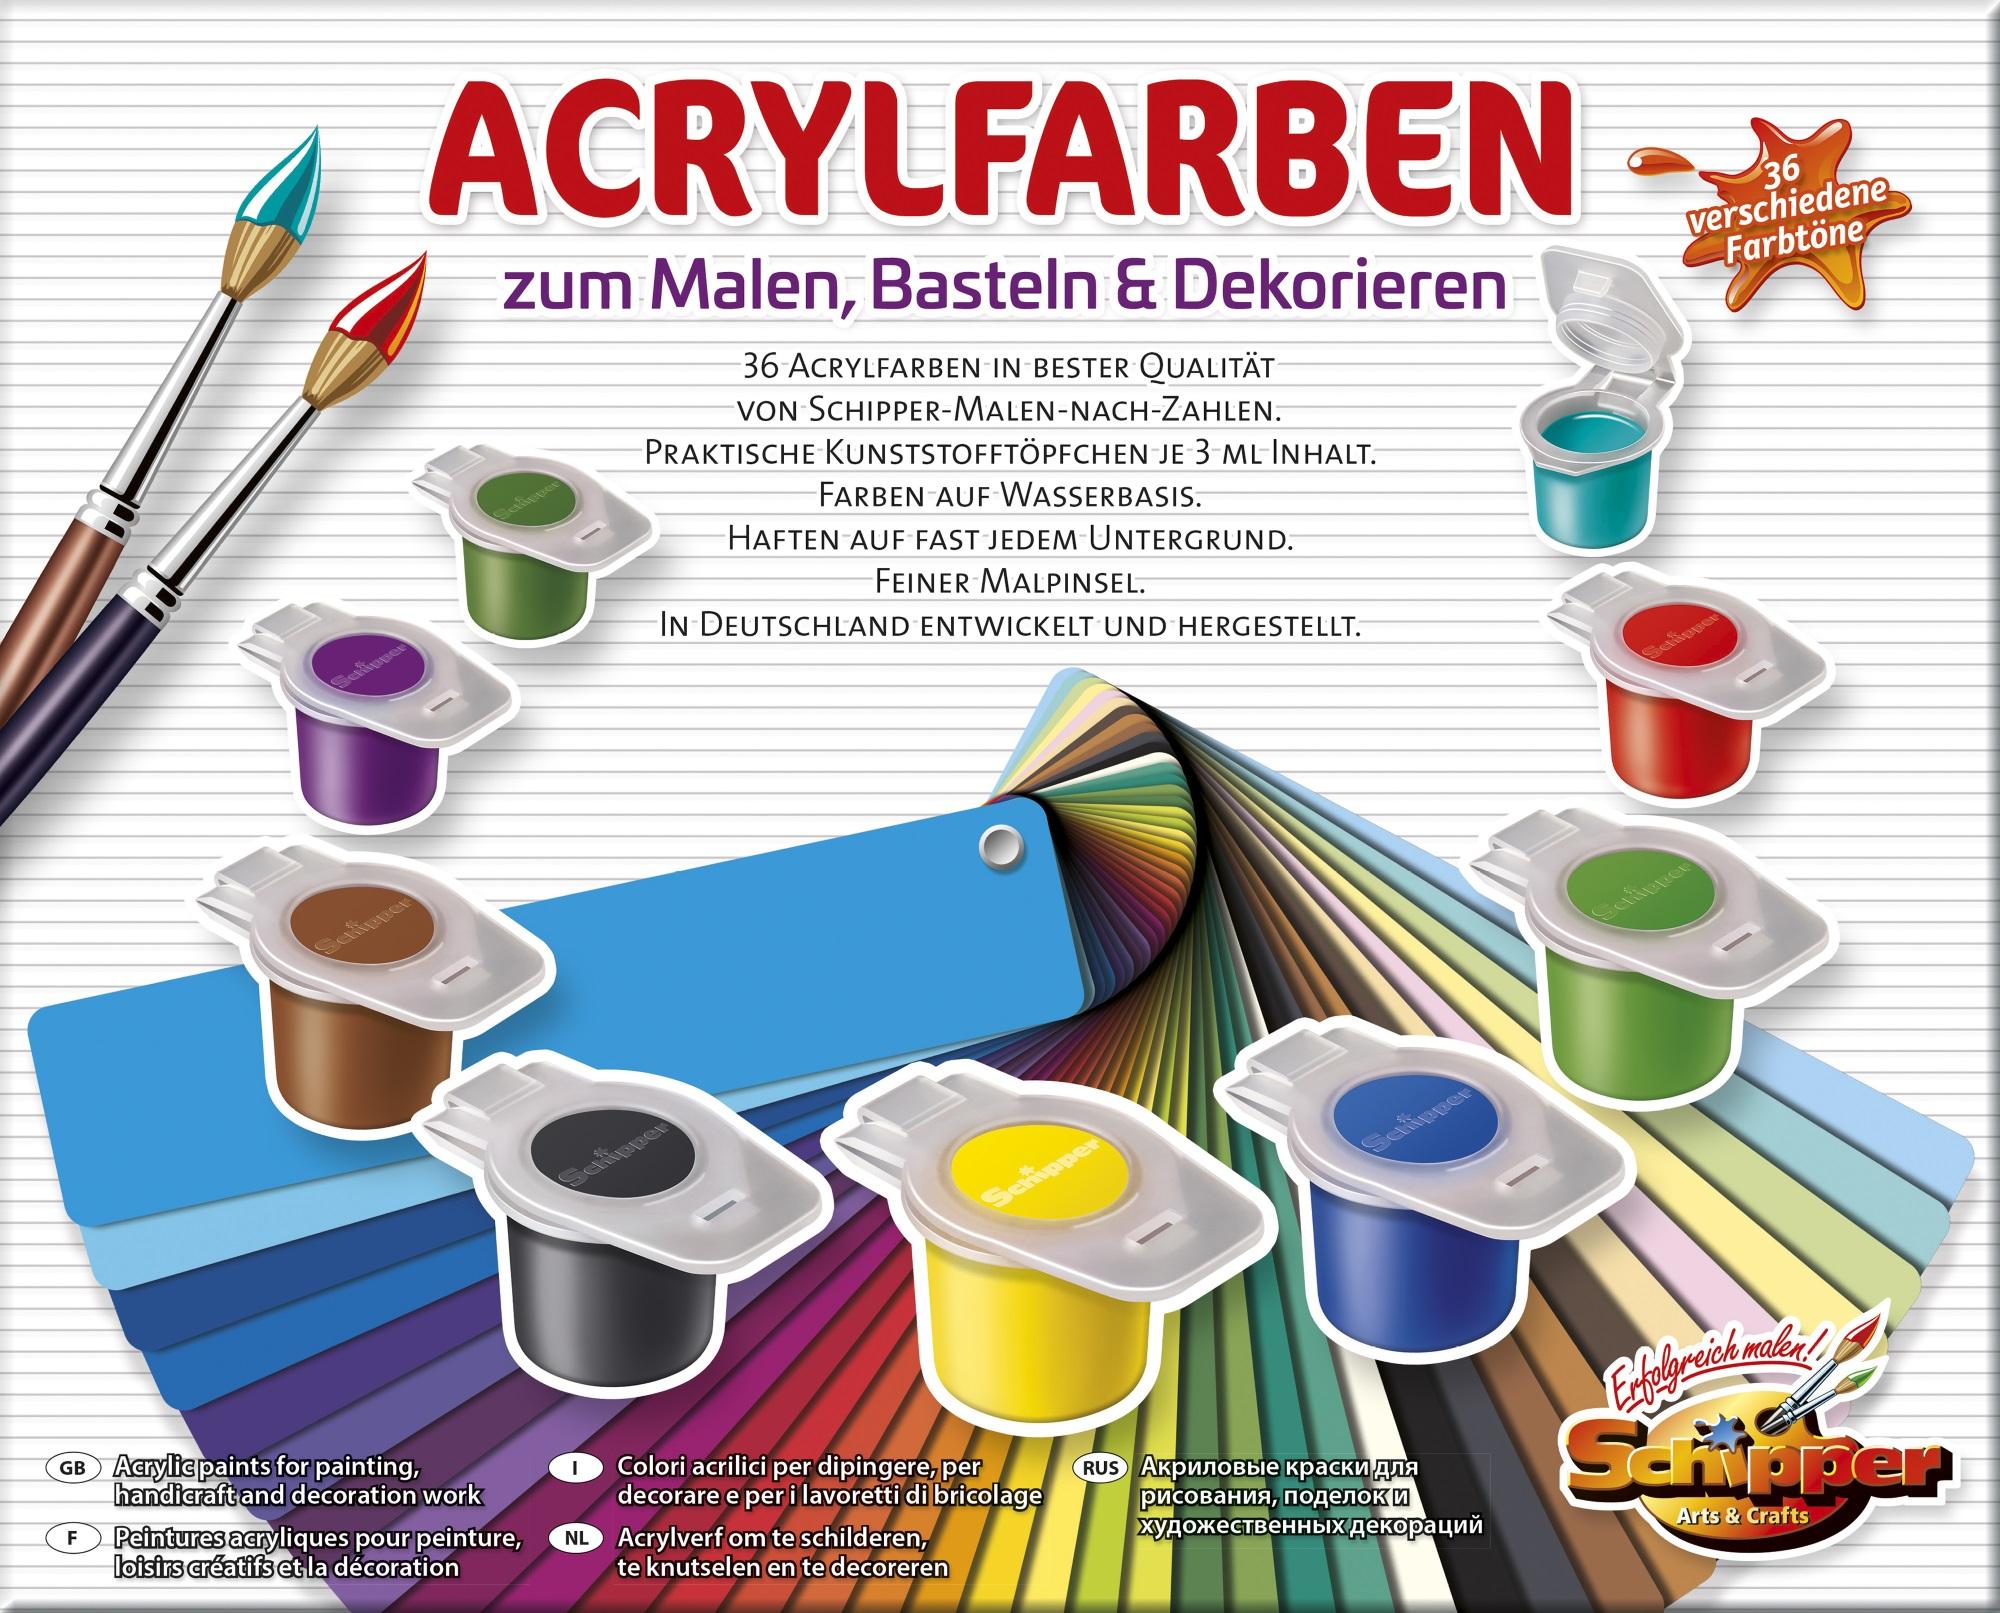 Malen nach Zahlen - 36 Acrylfarben